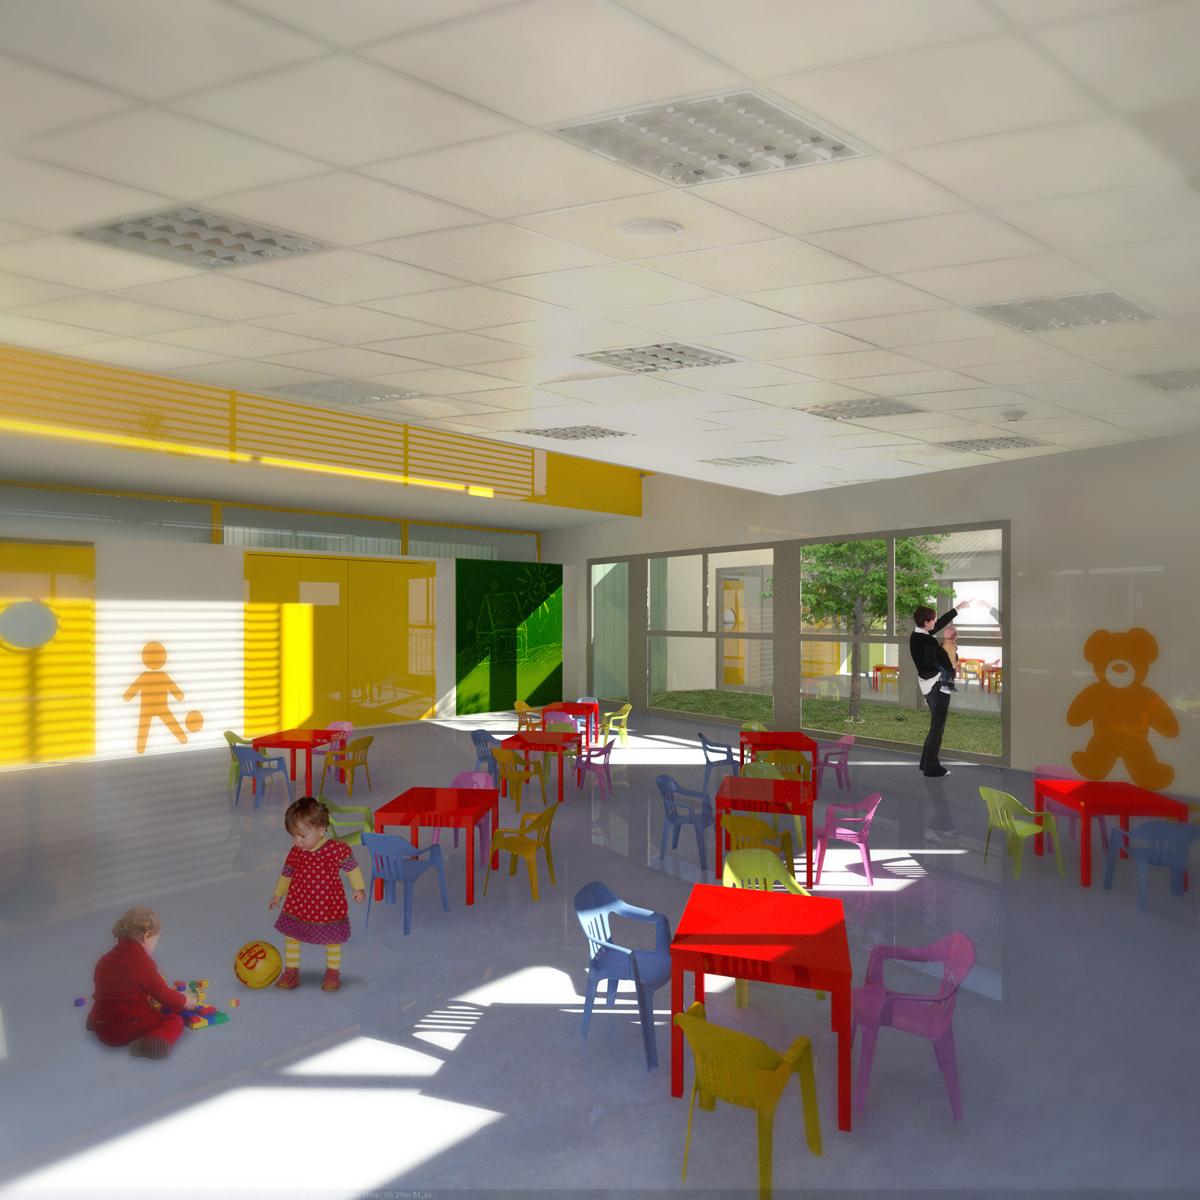 Sicmo Jardin Infantil Primera Infancia 150px 3